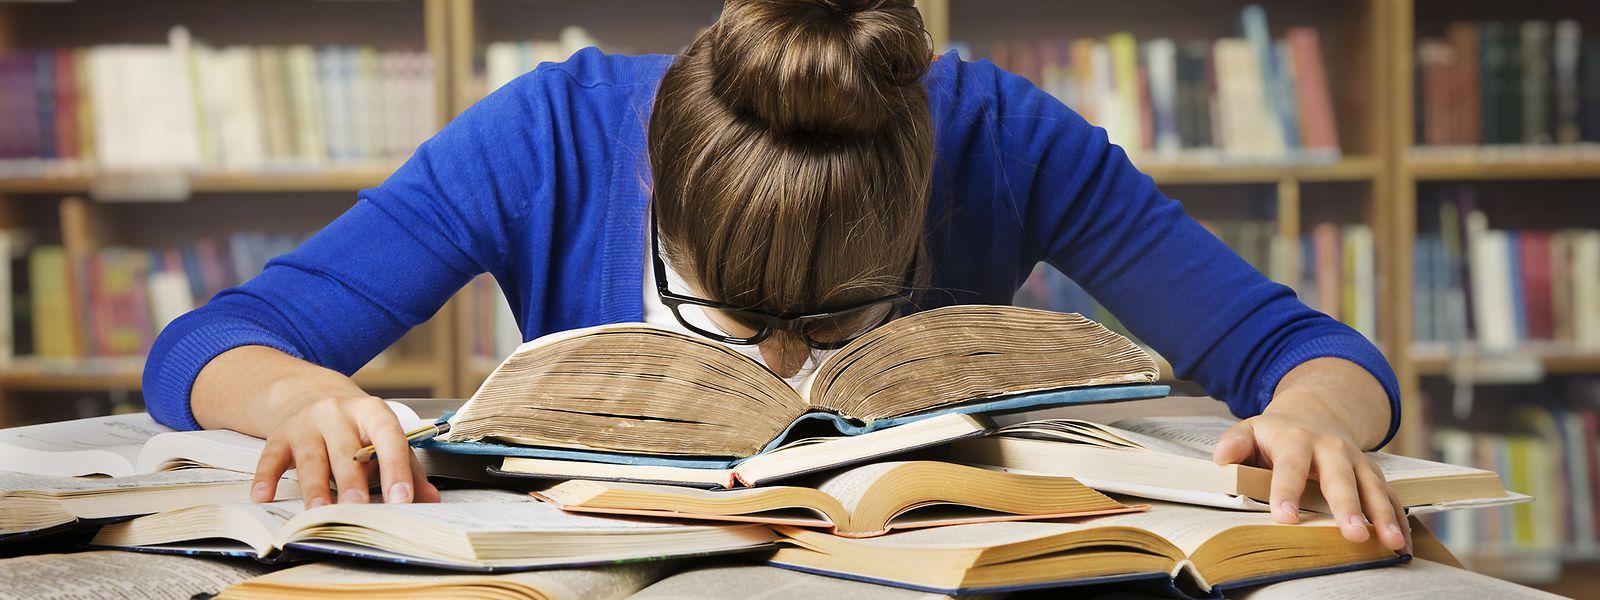 Il a été constaté que la majorité des étudiants qui ont échoué aux tests ont également raté par la suite leur première année.